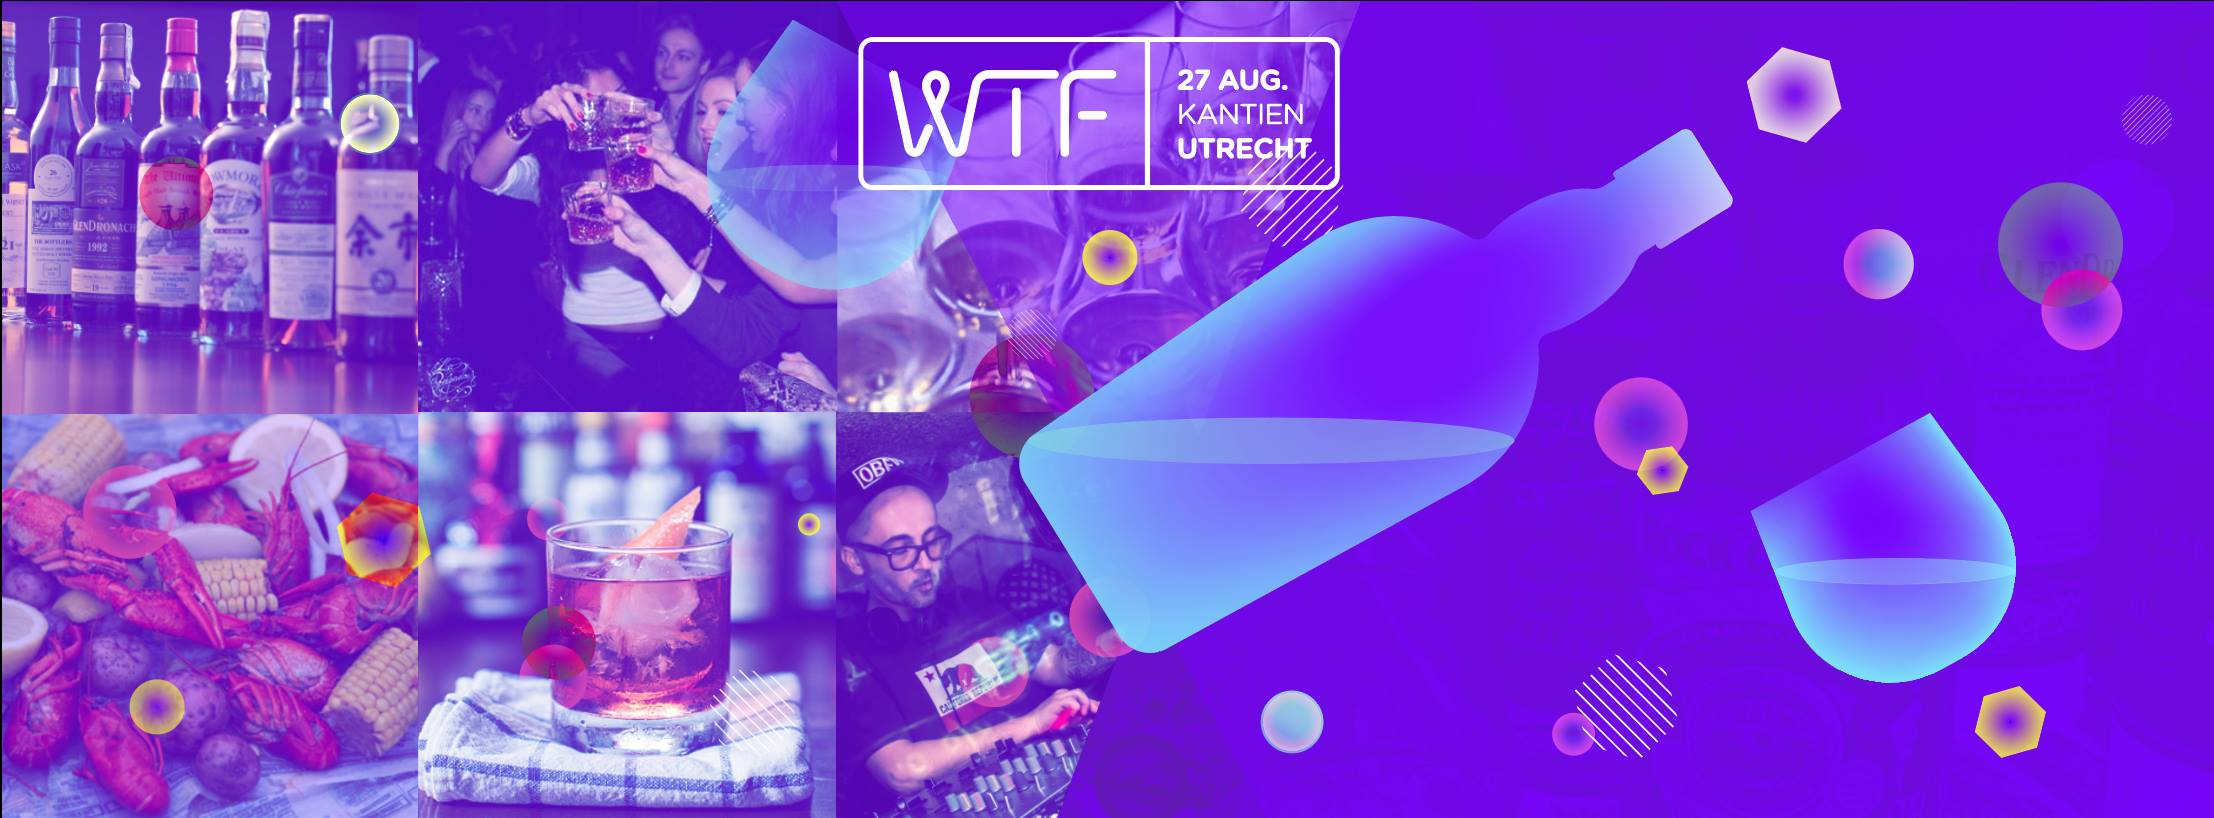 Whisky Tasting Festival zaterdag 27 augustus